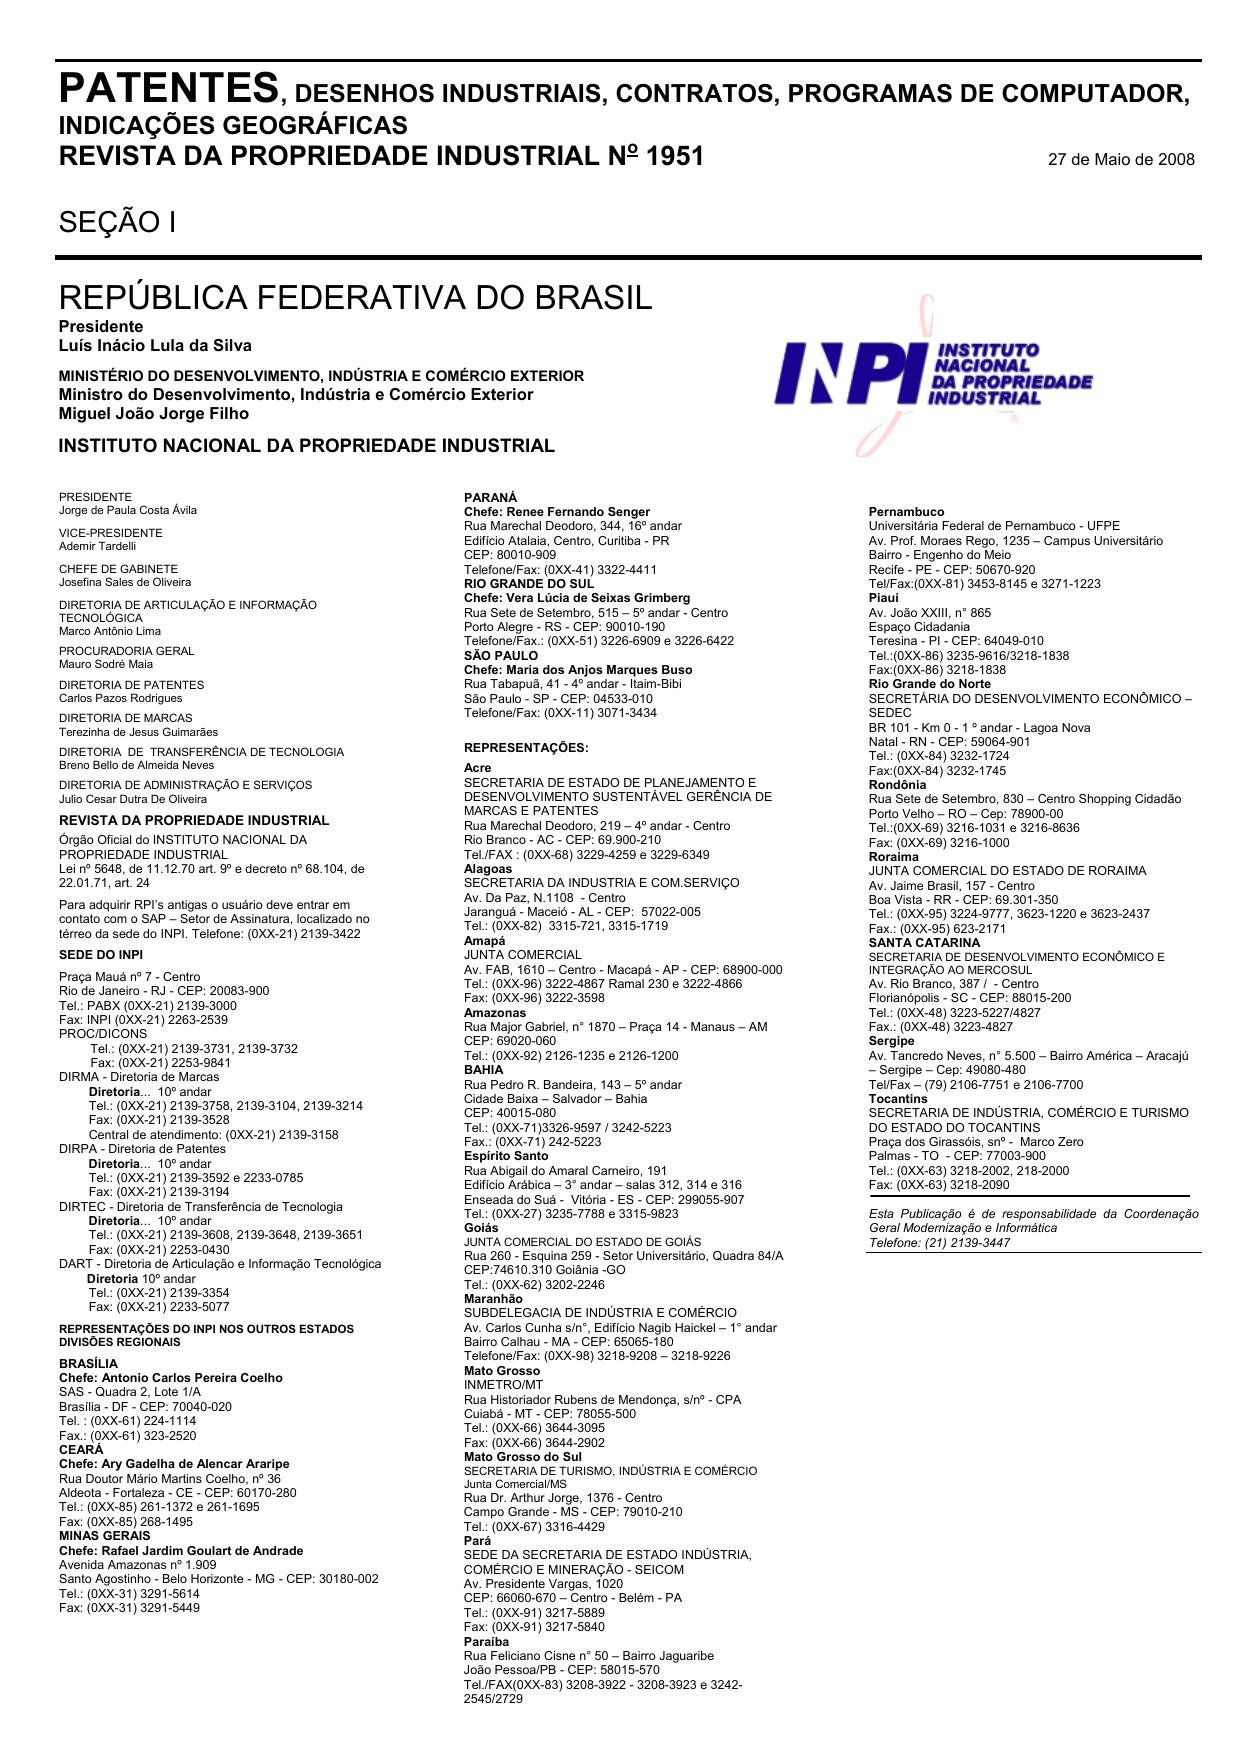 DIRETORIA DE PATENTES - Revista da Propriedade Industrial  ccbff23dc79